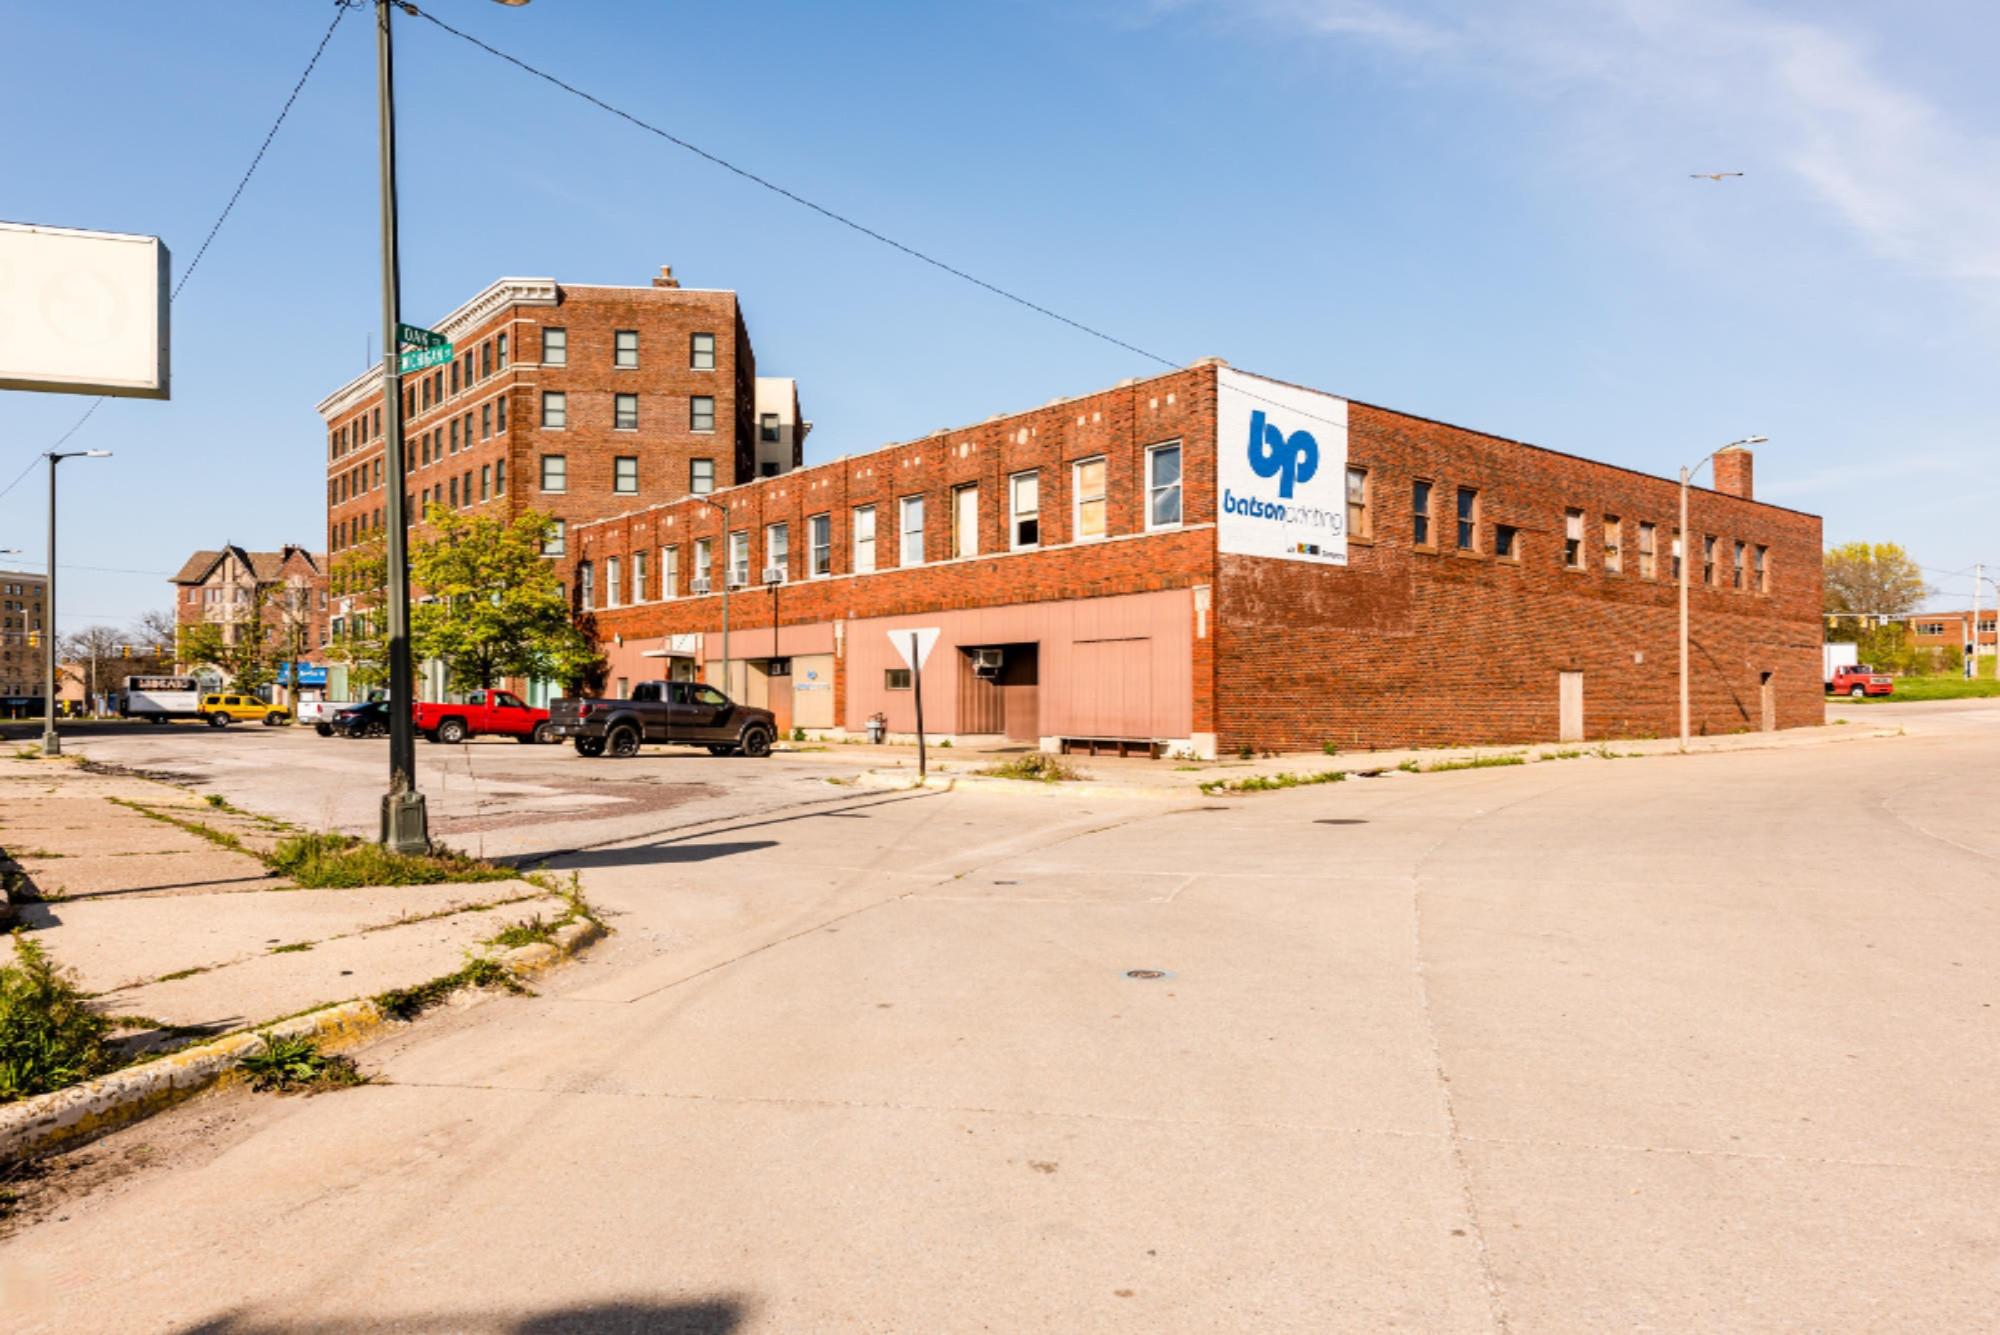 195 Michigan Street, Benton Harbor MI 49022